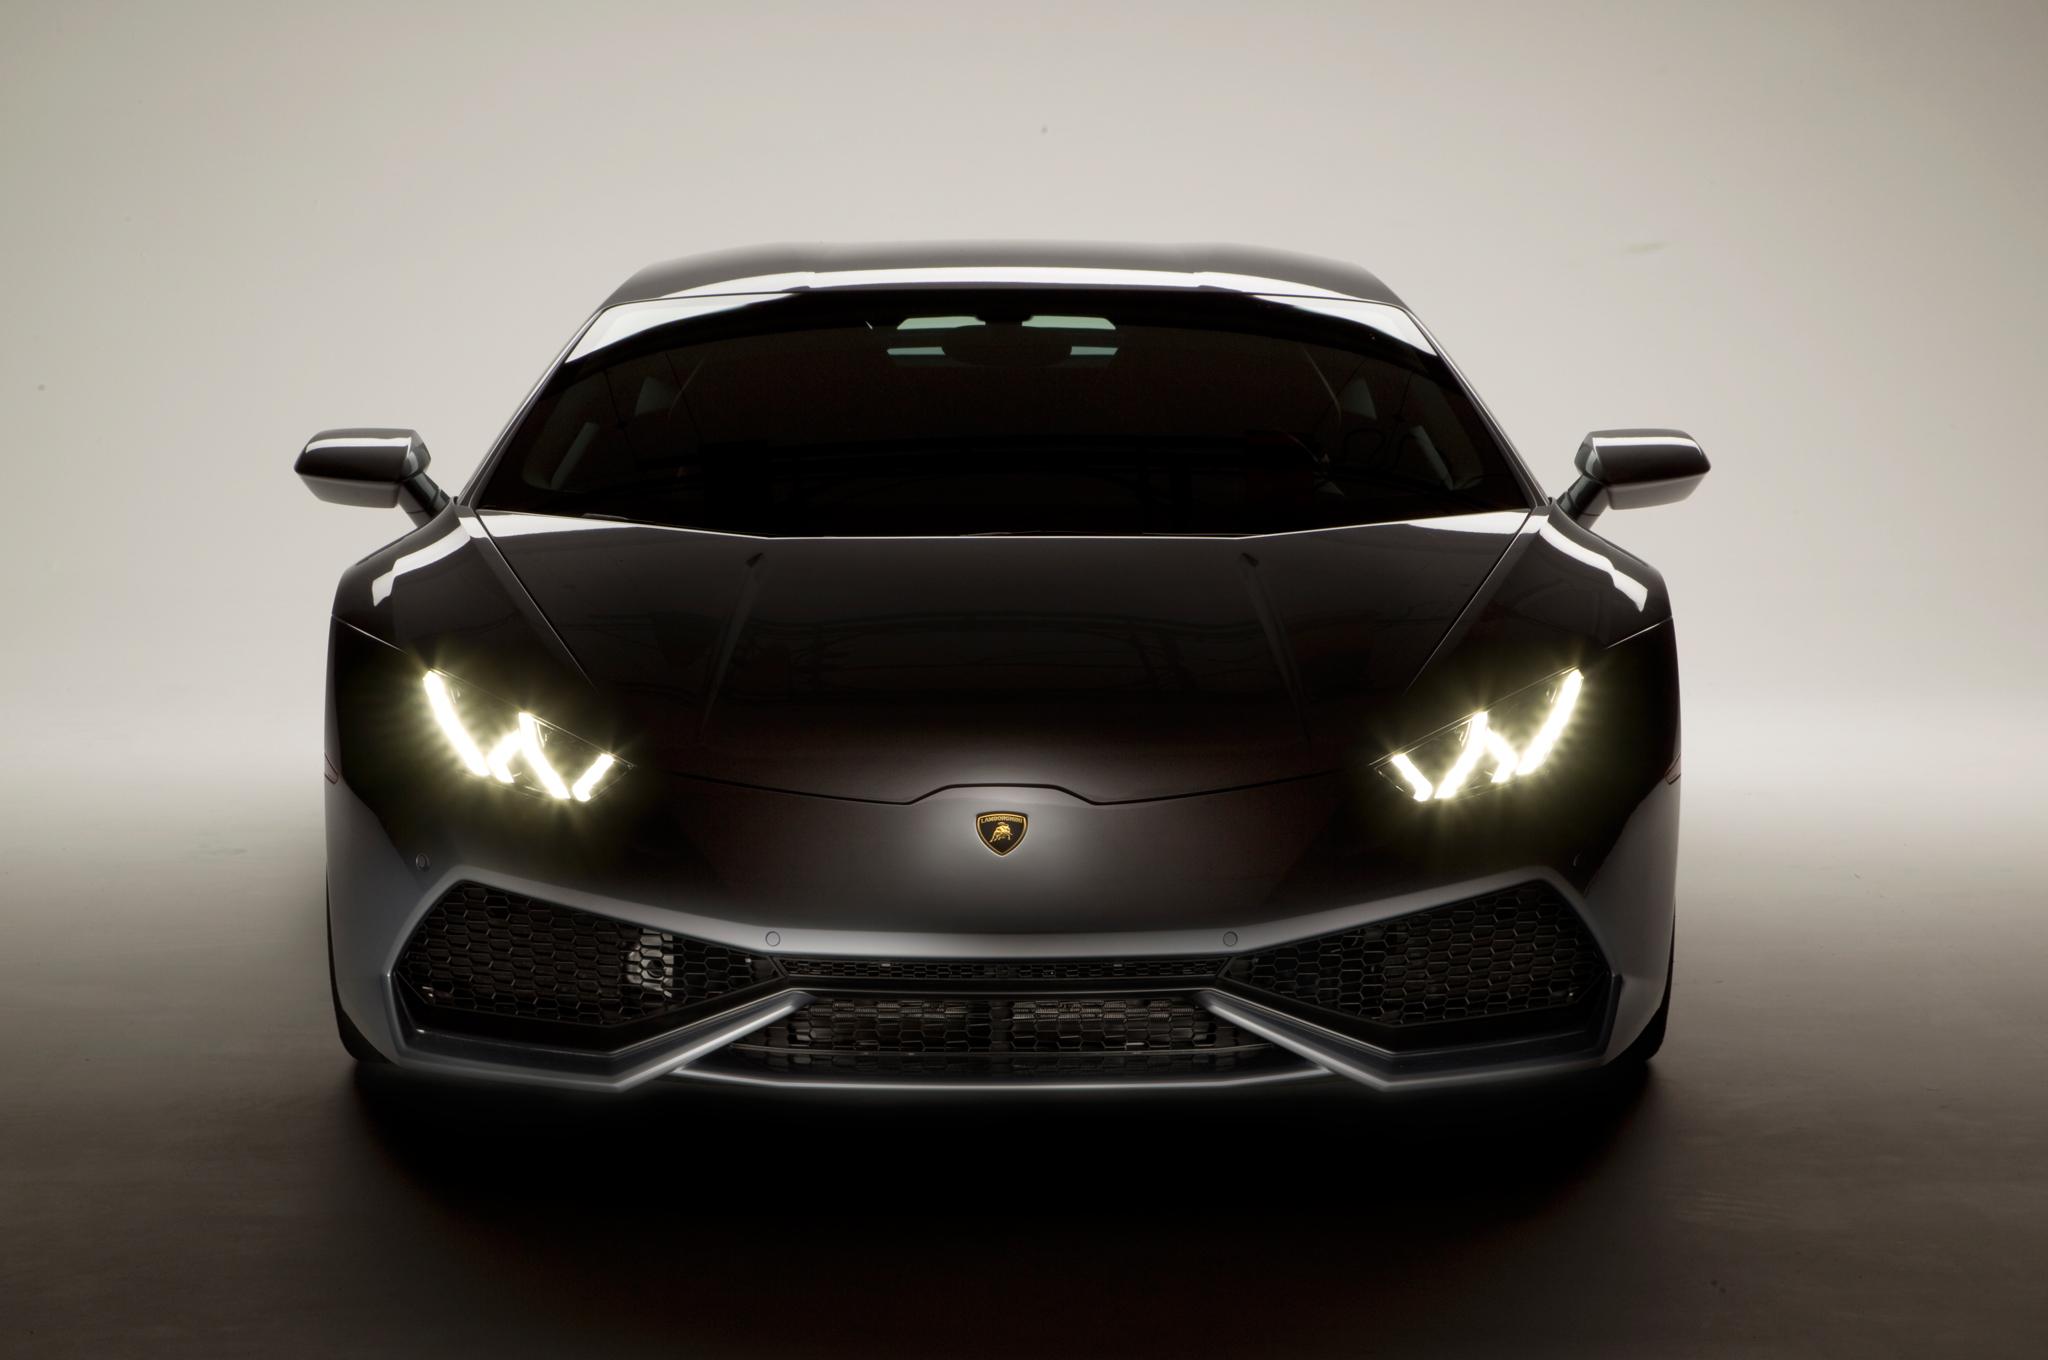 2015 lamborghini huracan front headlight - Lamborghini Huracan Hd Wallpaper